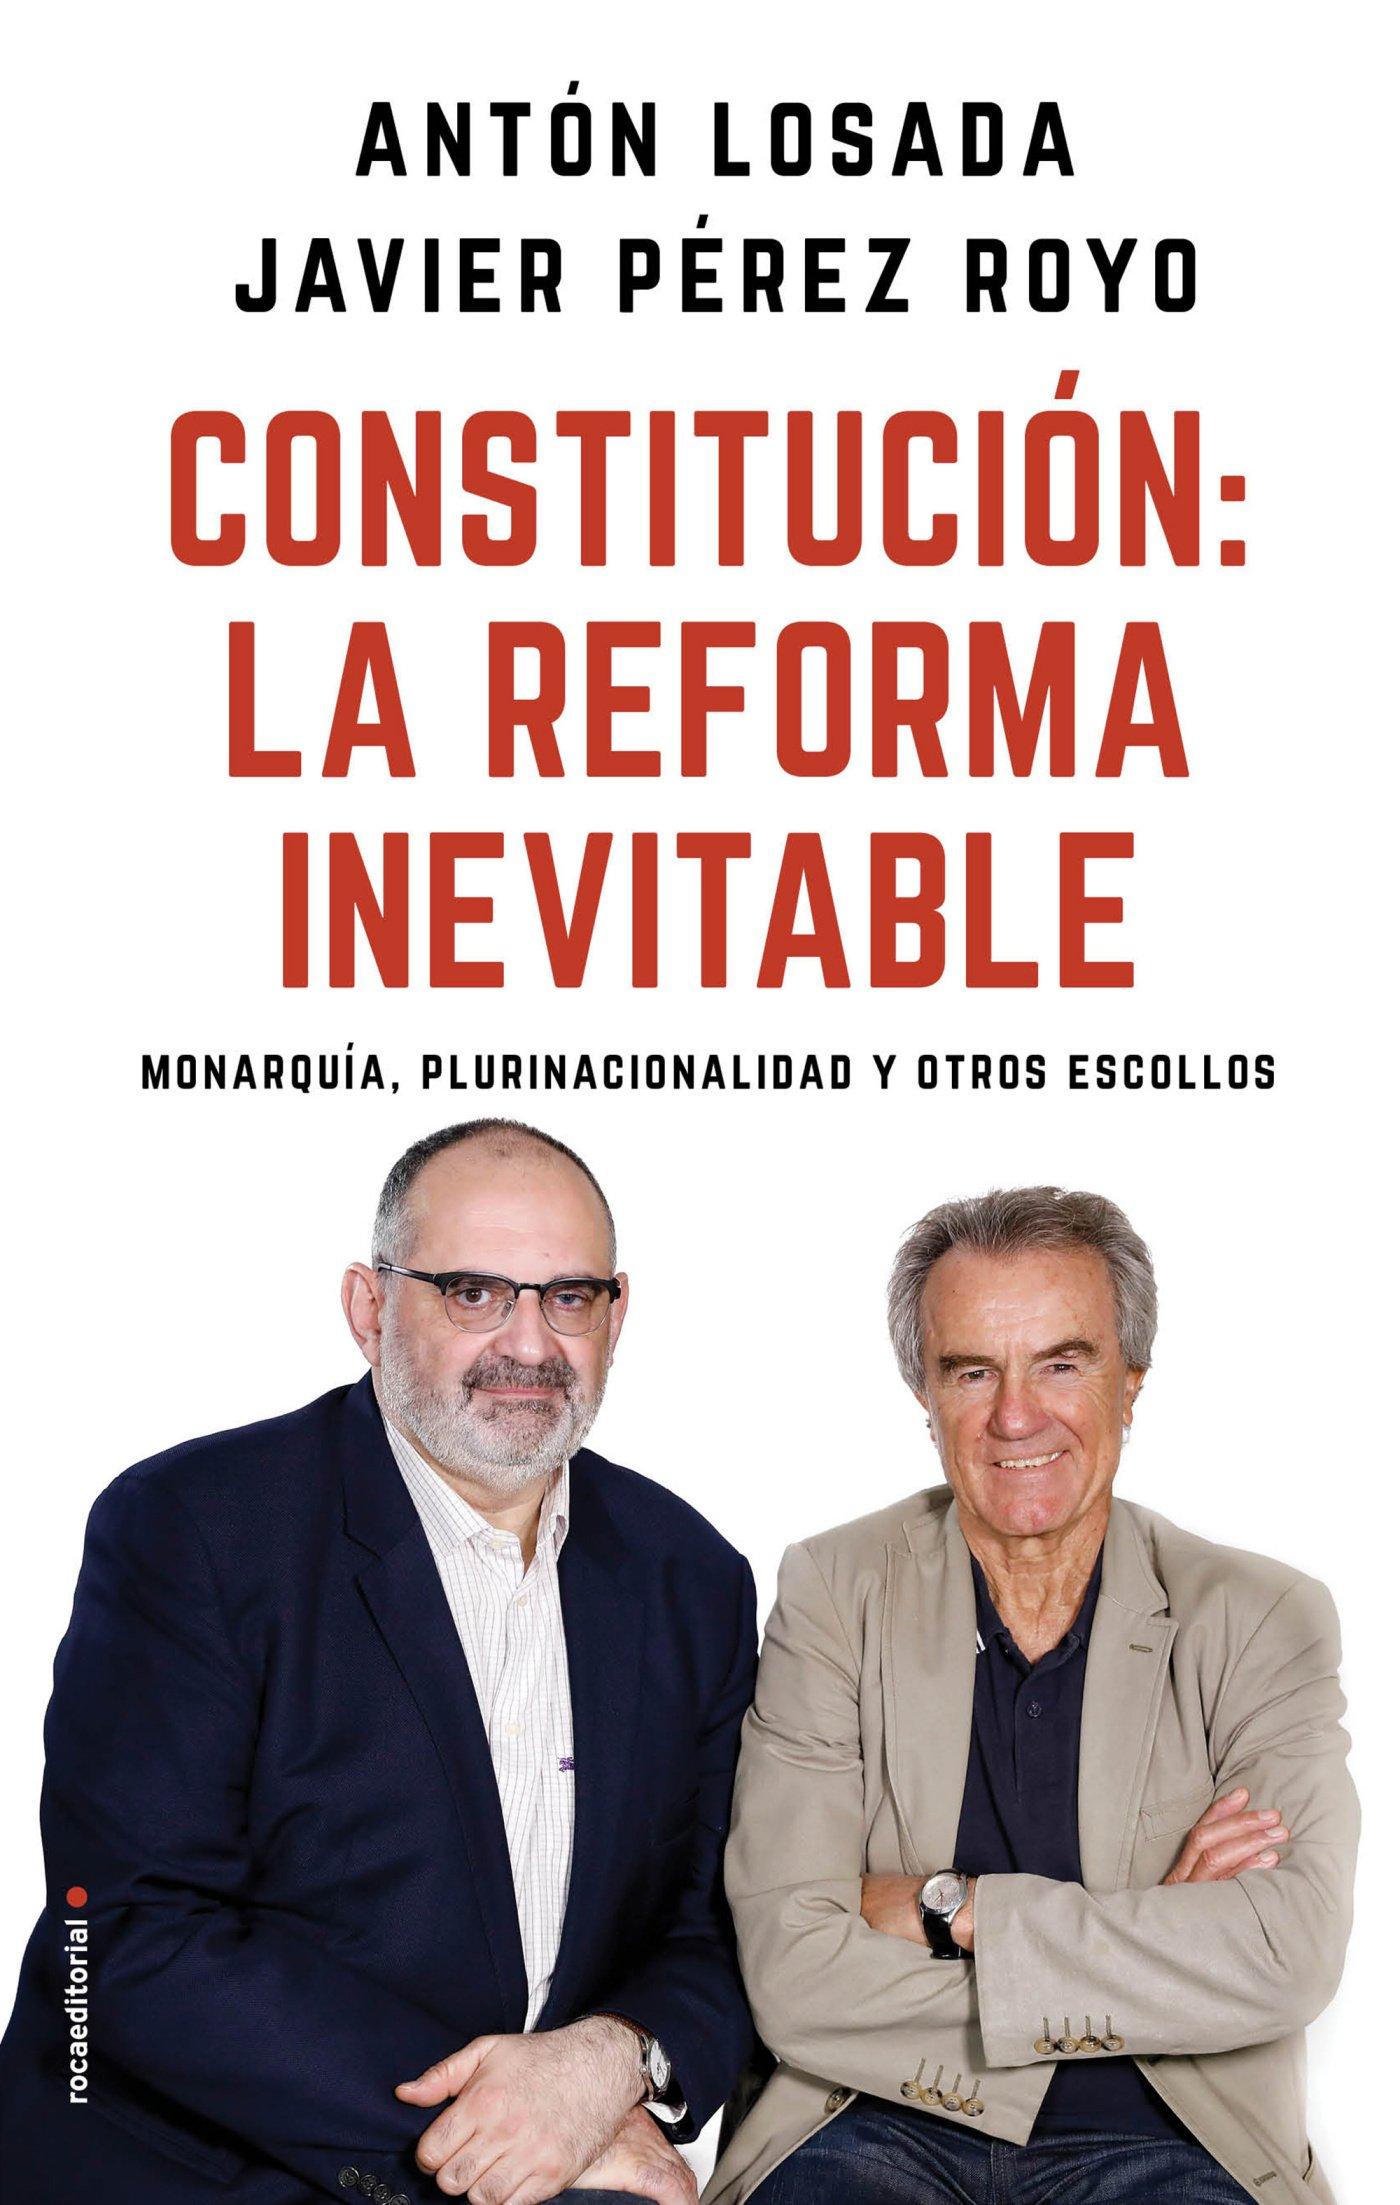 Constitución: la reforma inevitable: Monarquía, plurinacionalidad y otros  escollos Eldiario.es: Amazon.es: Antón Losada, Javier Pérez Royo: Libros